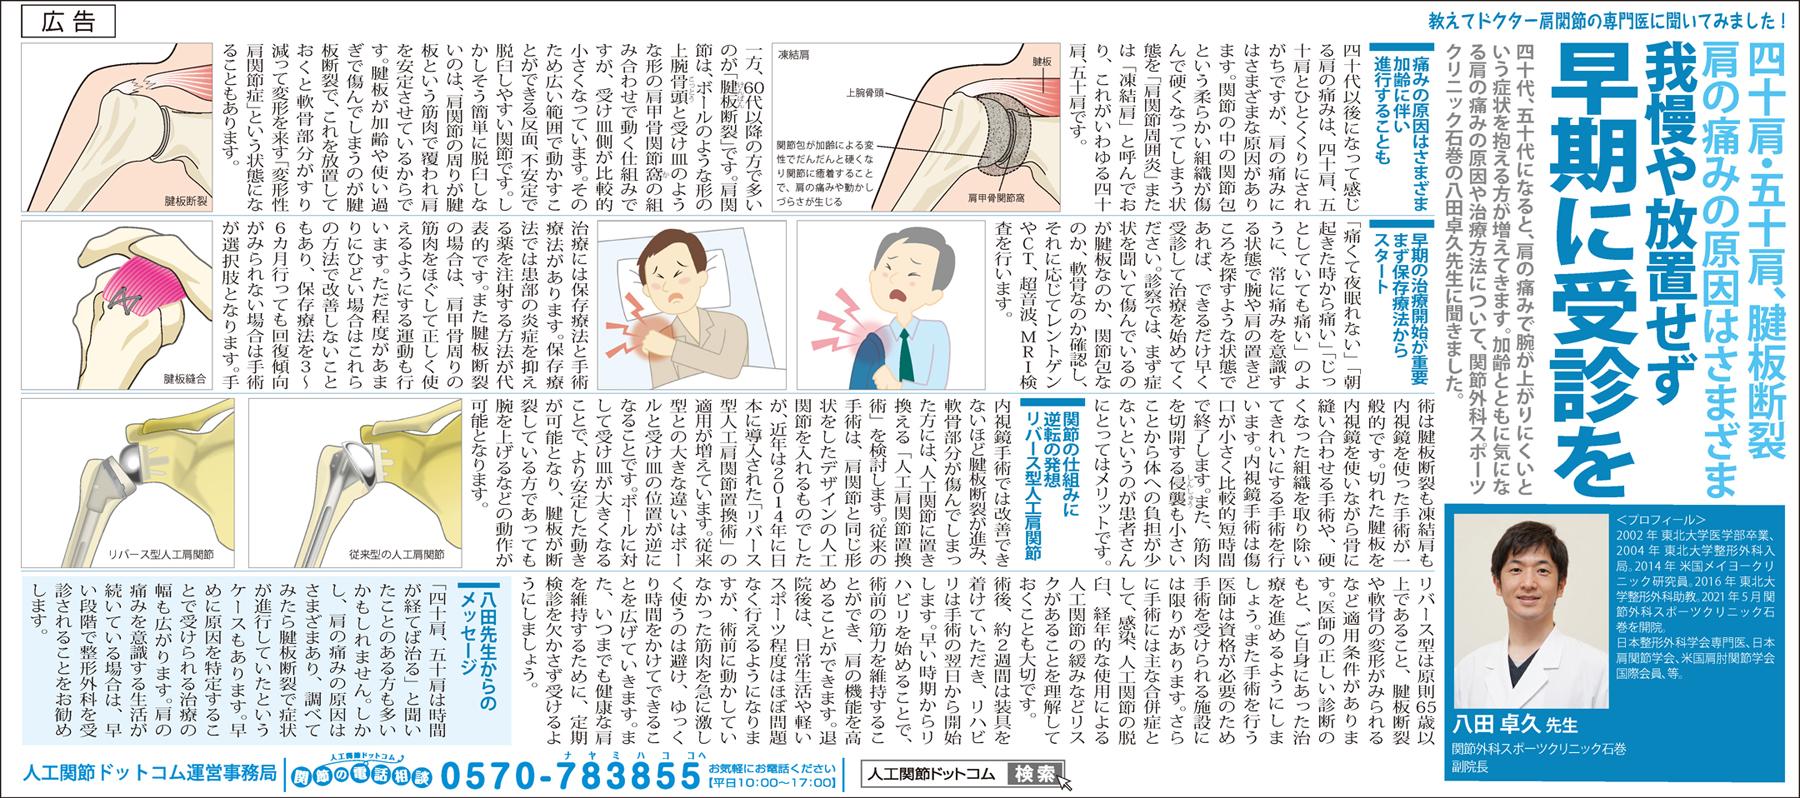 河北新報掲載記事